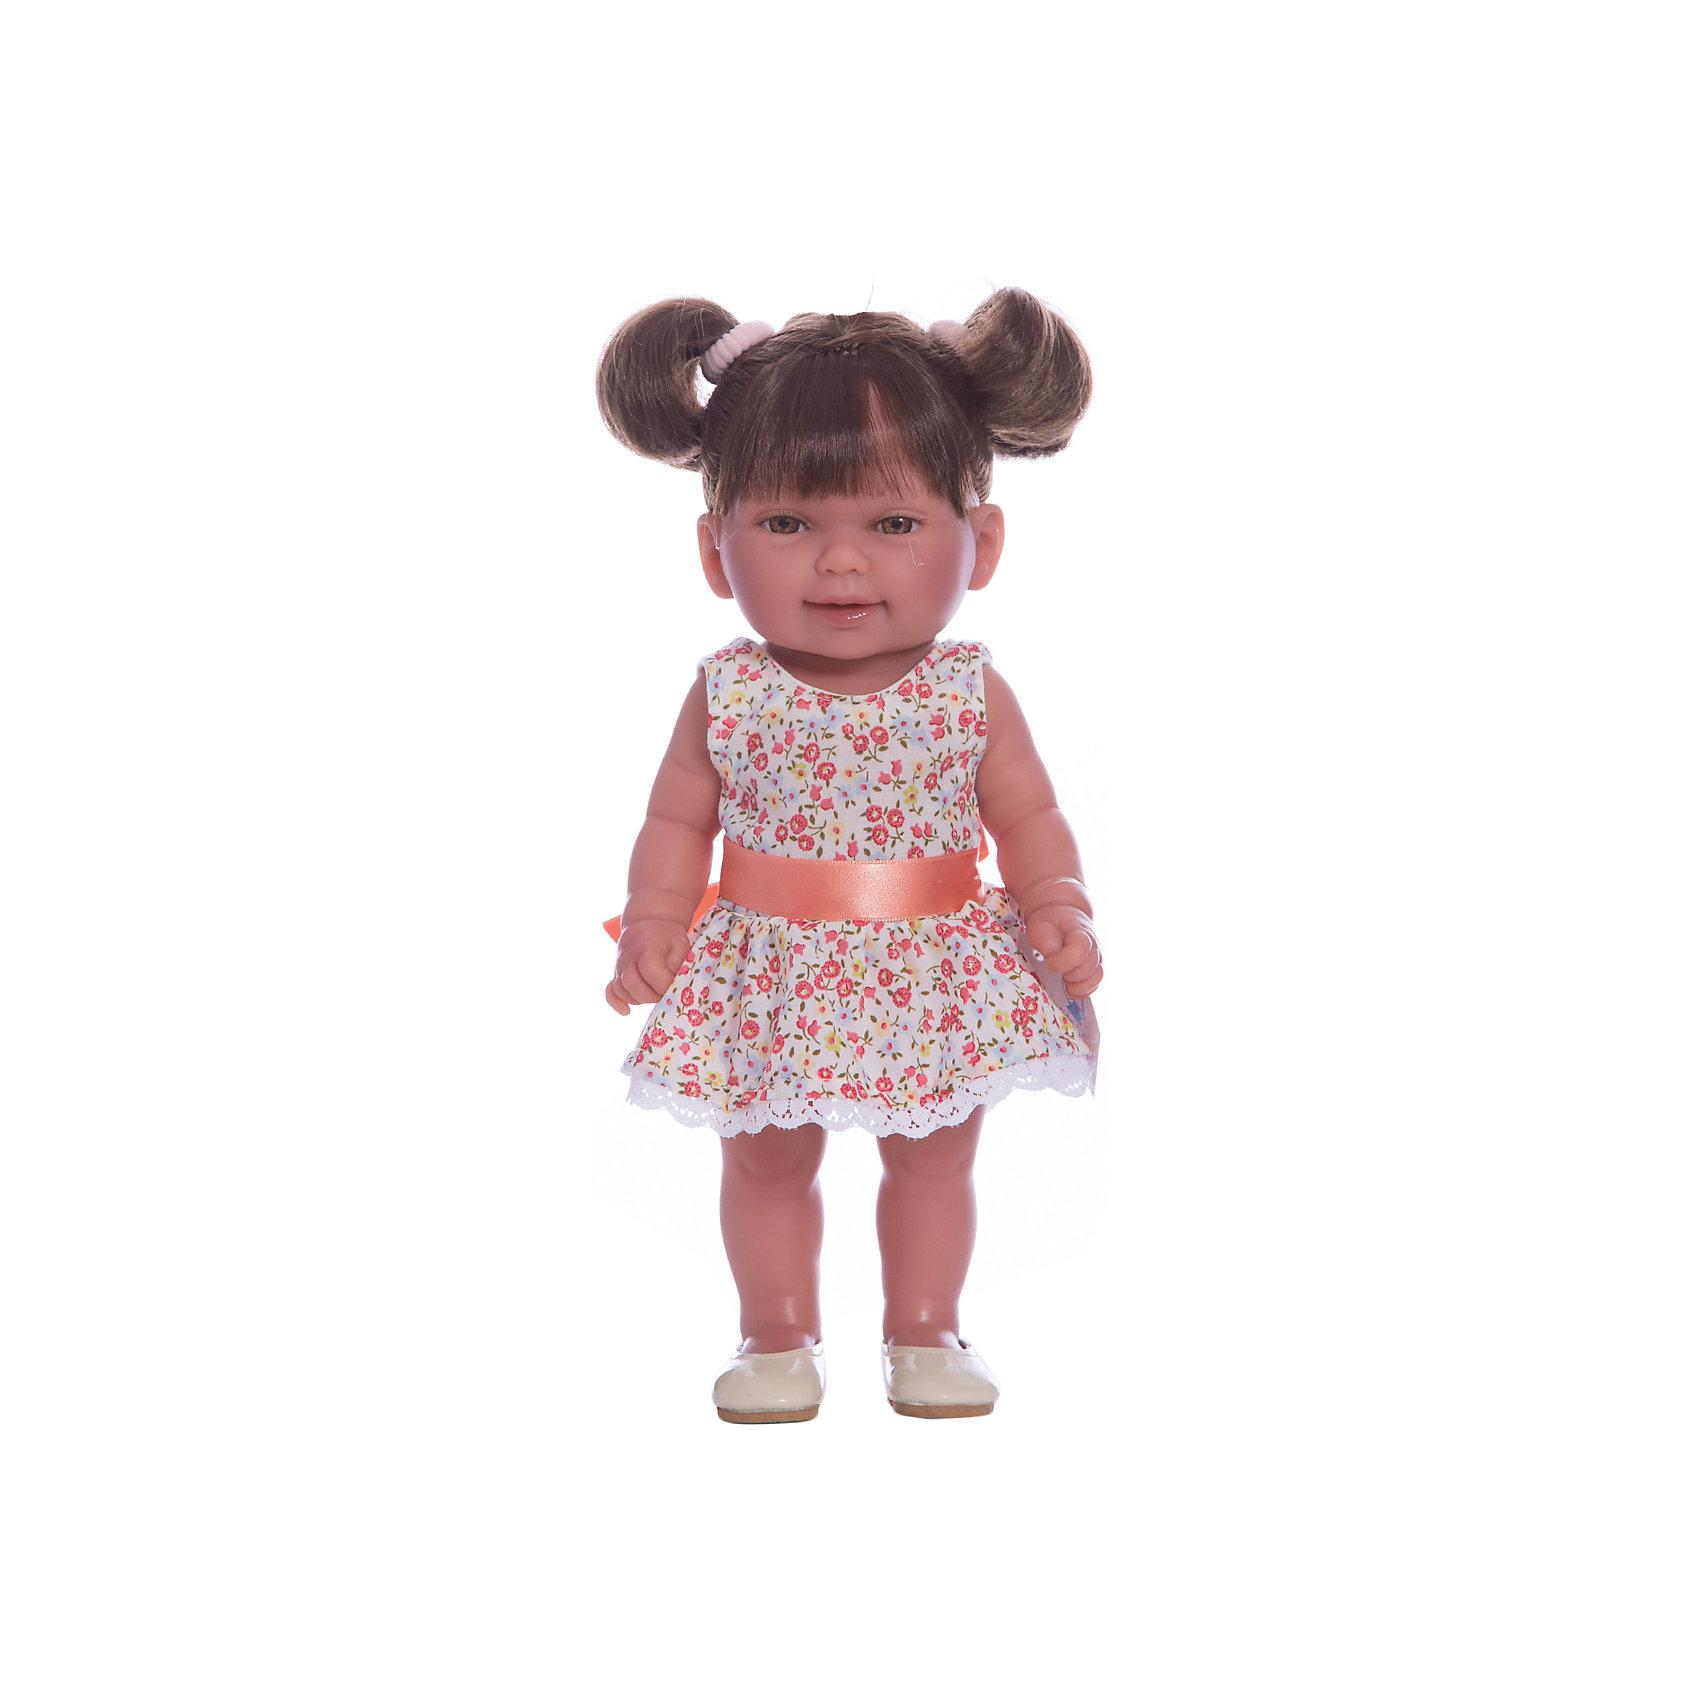 Кукла Кина брюнетка с хвостиками, умеет стоять, серия soft touch, Vestida de AzulКлассические куклы<br>1. Озорная темноволосая кроха Кина – симпатичная малышка, которой на вид около двух лет. Кина одета в летний наряд: цветочное платье с пышной юбкой и бежевые балетки.<br>2. Младенческие складочки на теле, маленькие пальчики, румянец на щечках, ручках и ножках выглядят очень реалистично.<br>3. Личико куклы проработано невероятно точно: приоткрытый ротик, пухлые щечки, выразительные карие глазки и слегка вздернутый носик.<br>4. У девчушки Кины мягкие темные волосы собраны в хвостики. Волосы куклы густо прошиты и напоминают натуральные. Челка прошита отдельно, а значит всегда будет аккуратно уложенной.<br>5. Подвижные голова, руки и ноги для увлекательной и реалистичной игры.<br>6. Кукла изготовлена из высококачественного,  приятного на ощупь бархатистого винила, а также умеет стоять без поддержки в обуви и без нее.<br>7. Высота куклы – 30 см.<br><br>Ширина мм: 380<br>Глубина мм: 120<br>Высота мм: 240<br>Вес г: 650<br>Возраст от месяцев: 36<br>Возраст до месяцев: 2147483647<br>Пол: Женский<br>Возраст: Детский<br>SKU: 6844343